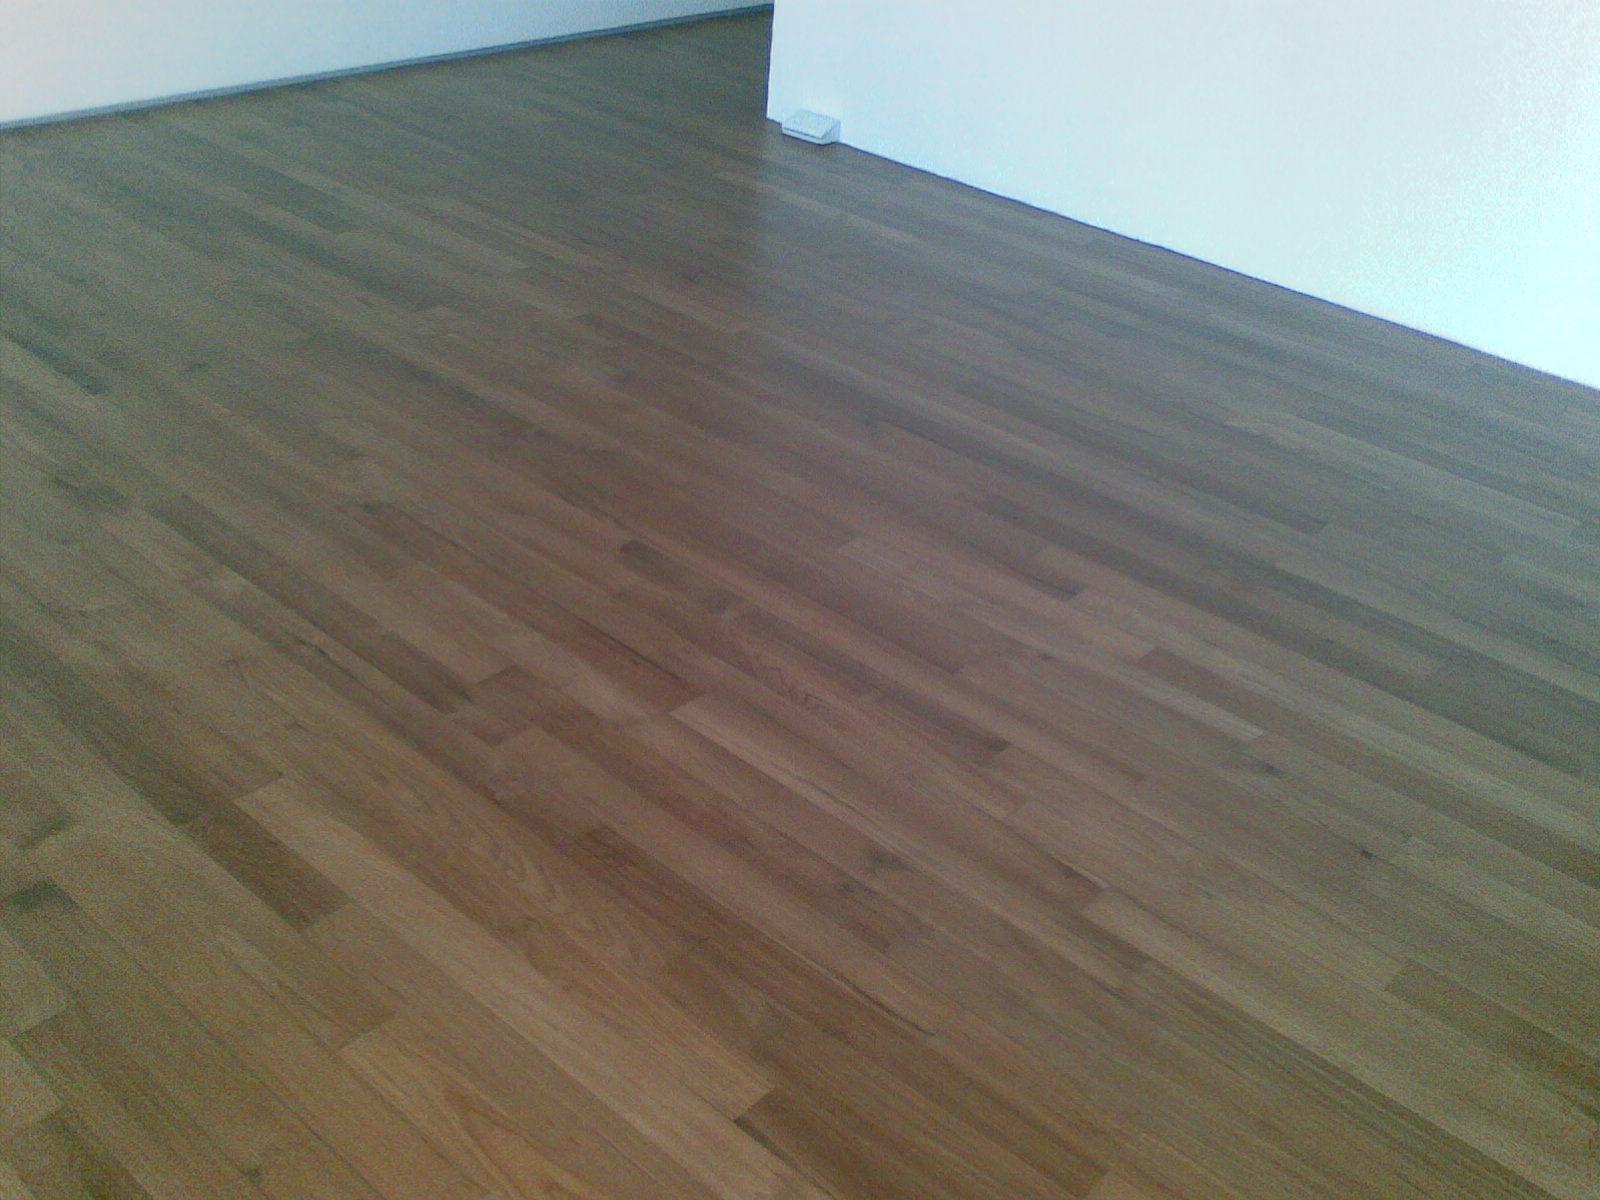 Exowood enterprises pte ltd burmese teak strips flooring for Teak flooring